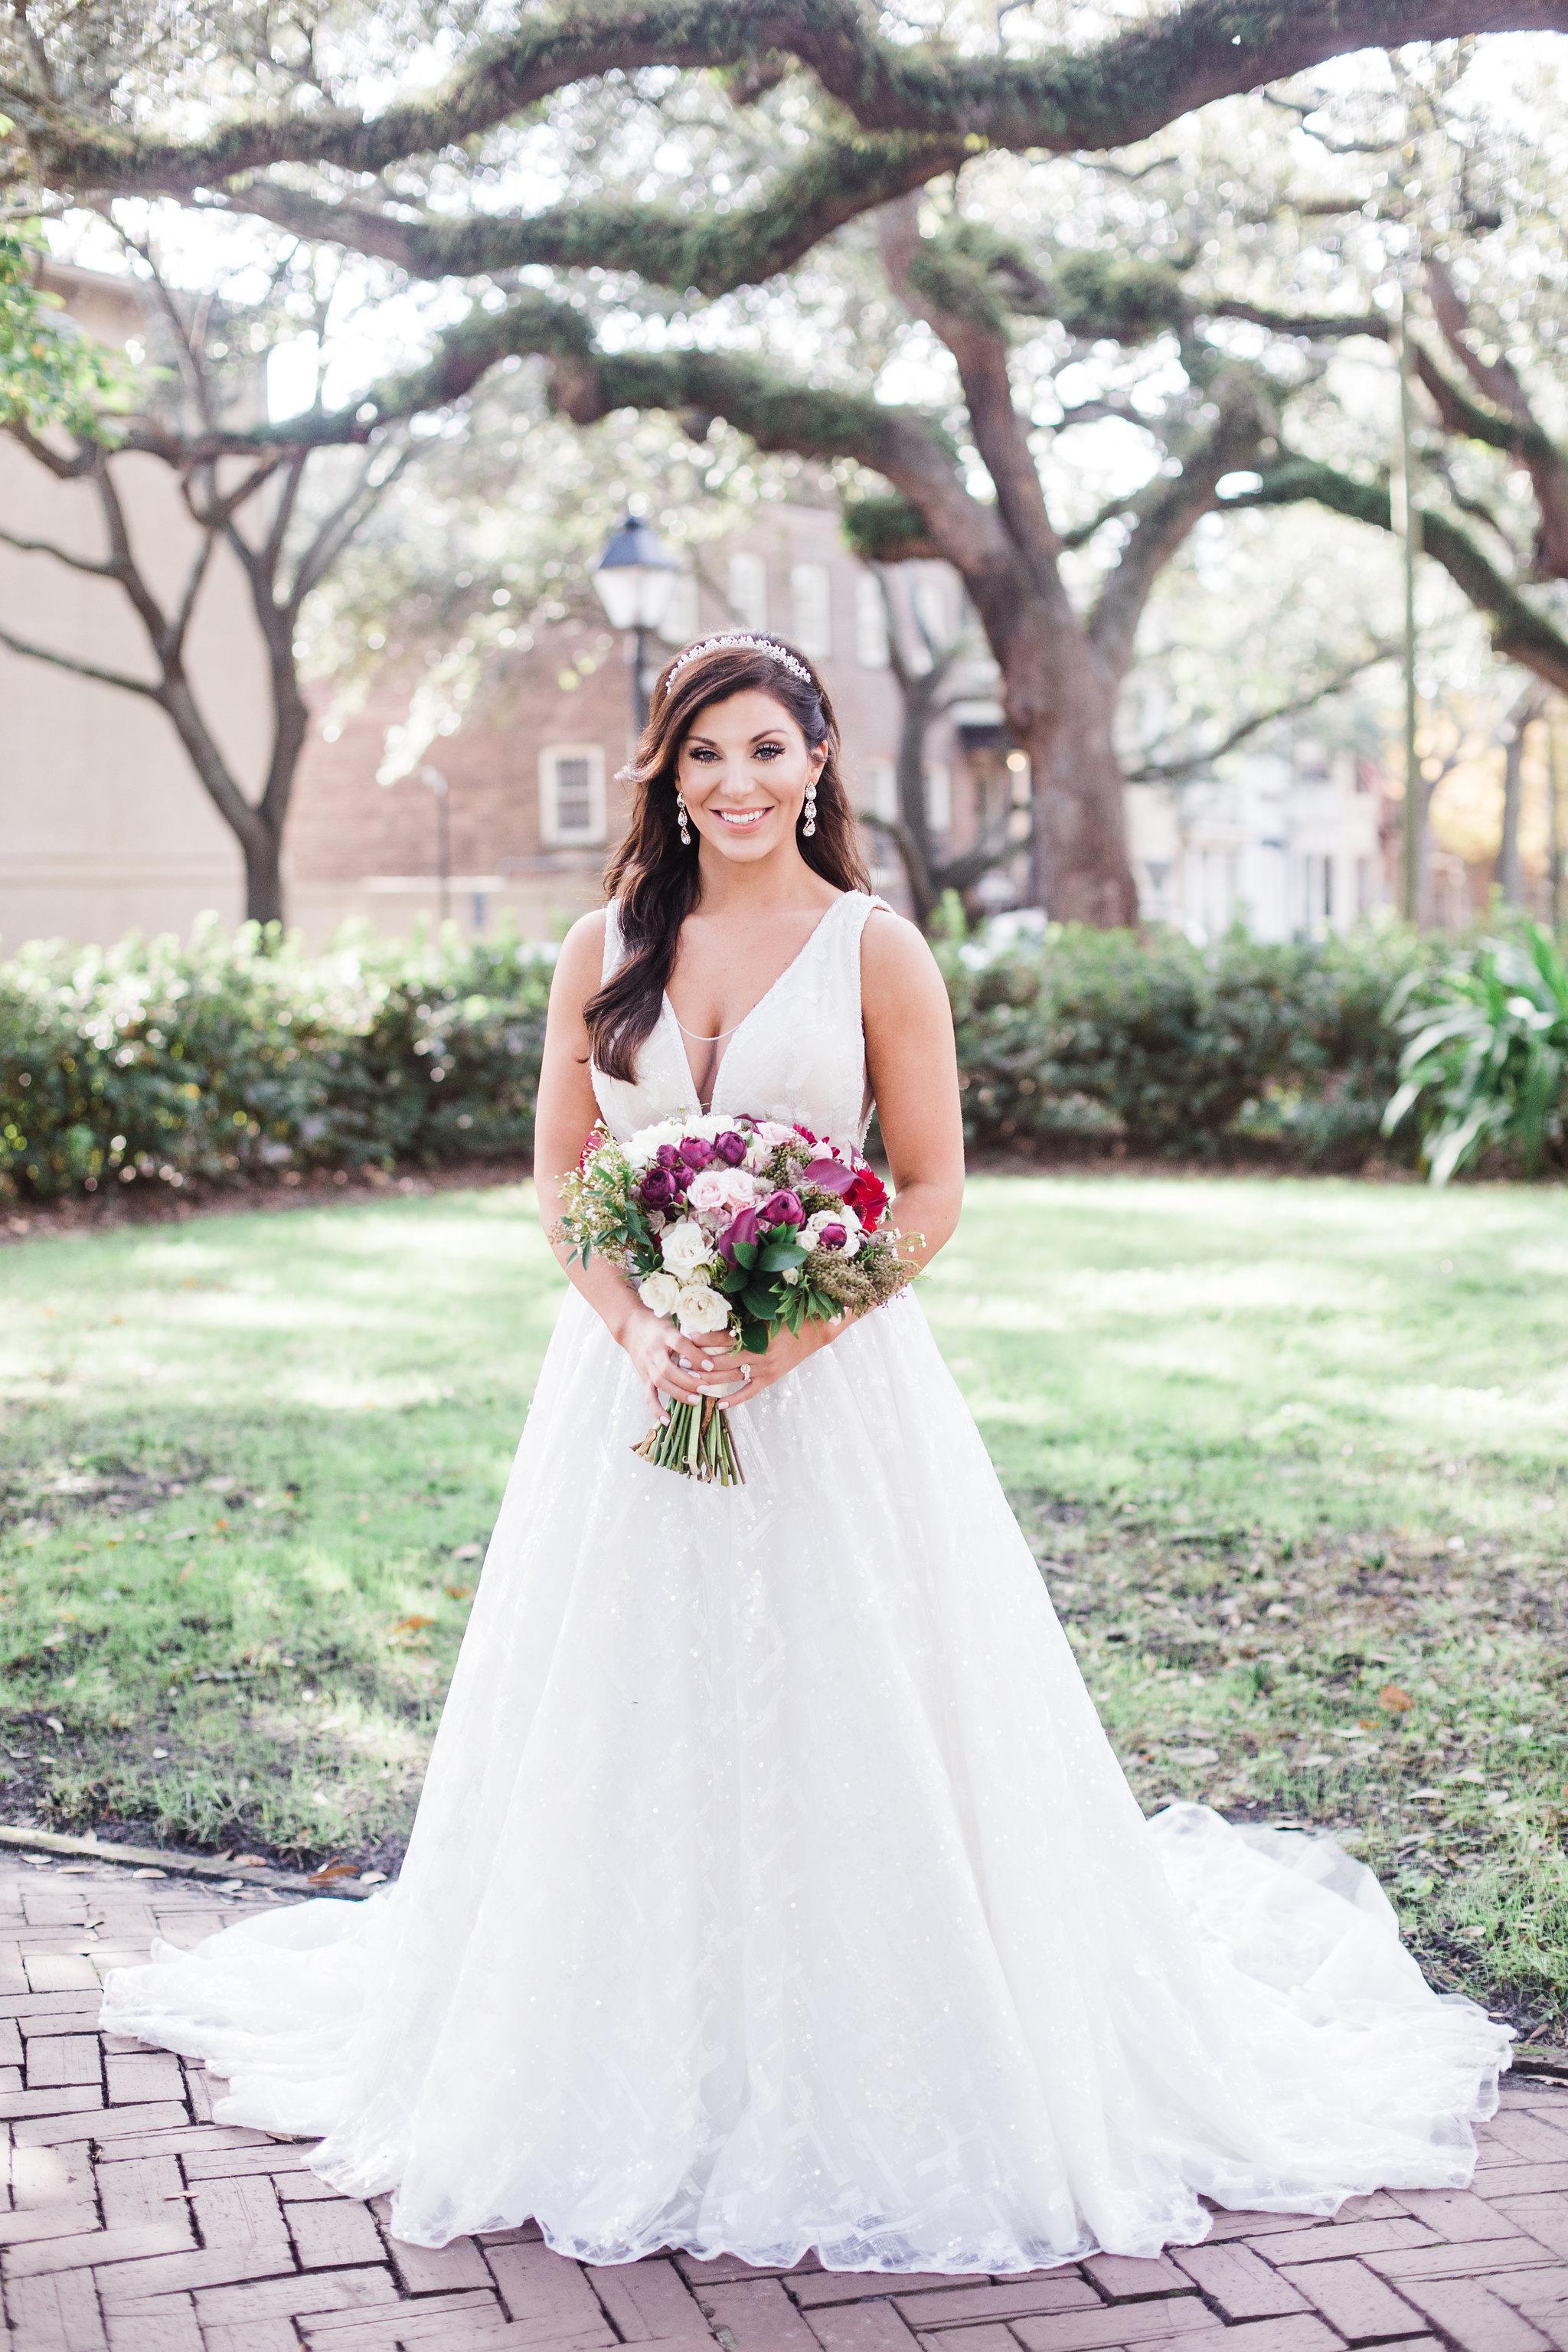 apt-b-photography-lindsey-shawn-Savannah-wedding-photographer-savannah-elopement-photographer-historic-savannah-elopement-savannah-weddings-hilton-head-wedding-photographer-jekyll-island-wedding-photographer-20.jpg